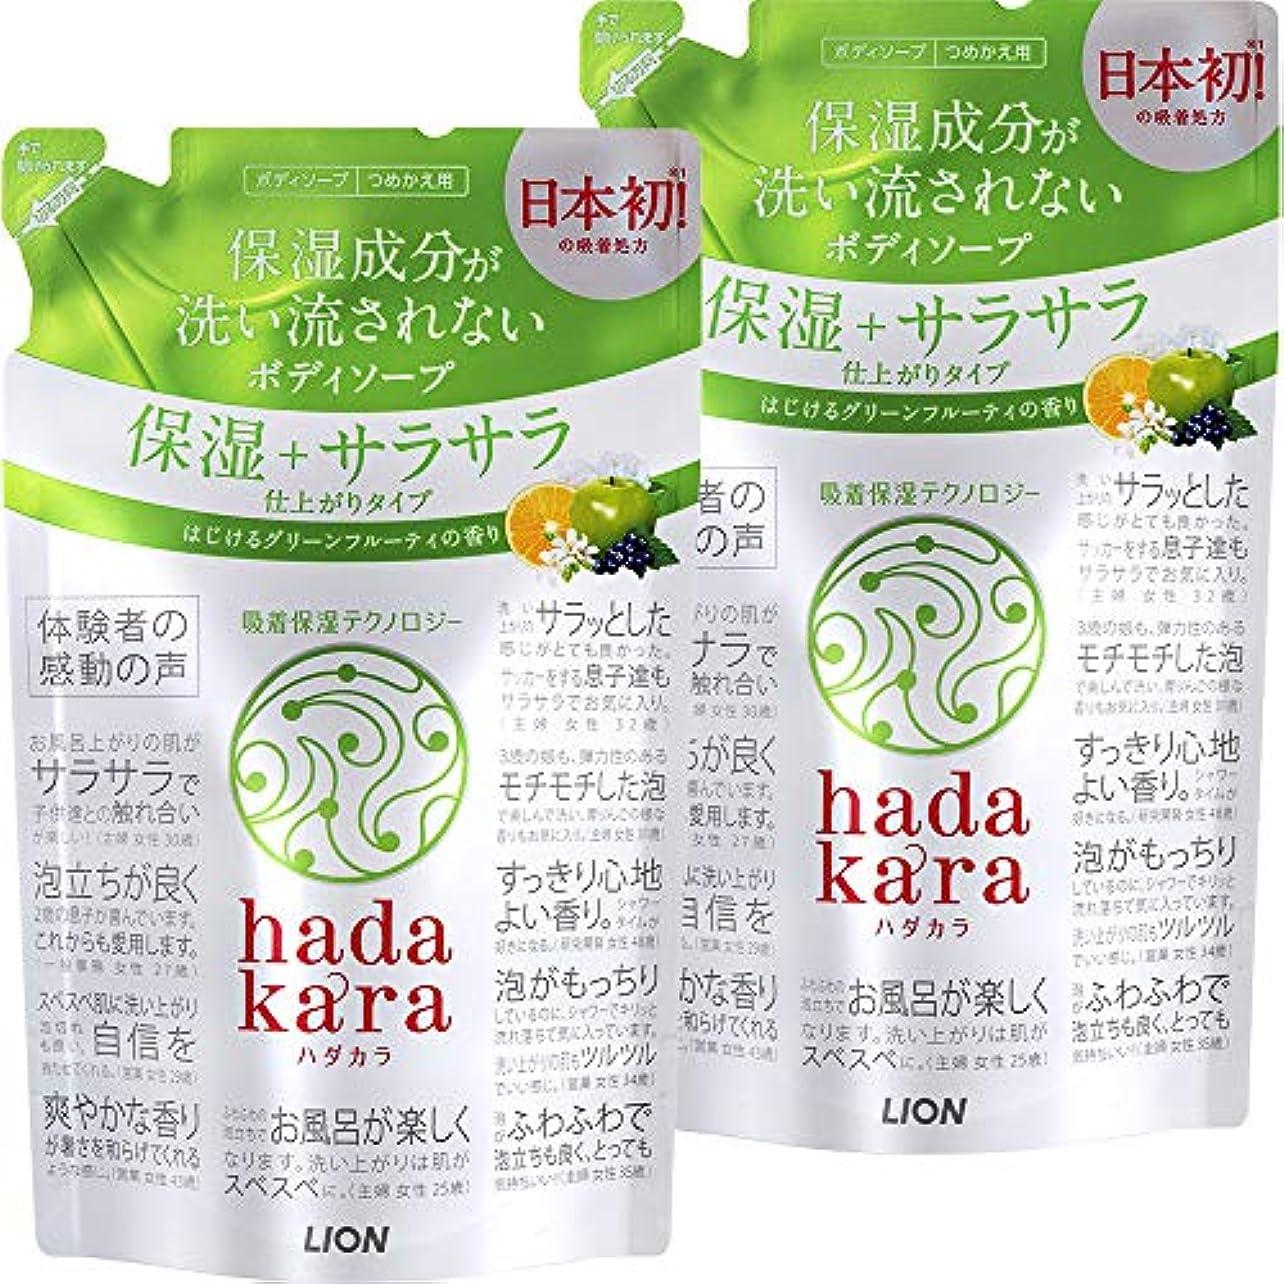 茎エクスタシーエネルギー【まとめ買い】hadakara(ハダカラ) ボディソープ 保湿+サラサラ仕上がりタイプ グリーンフルーティの香り 詰め替え 340ml×2個パック